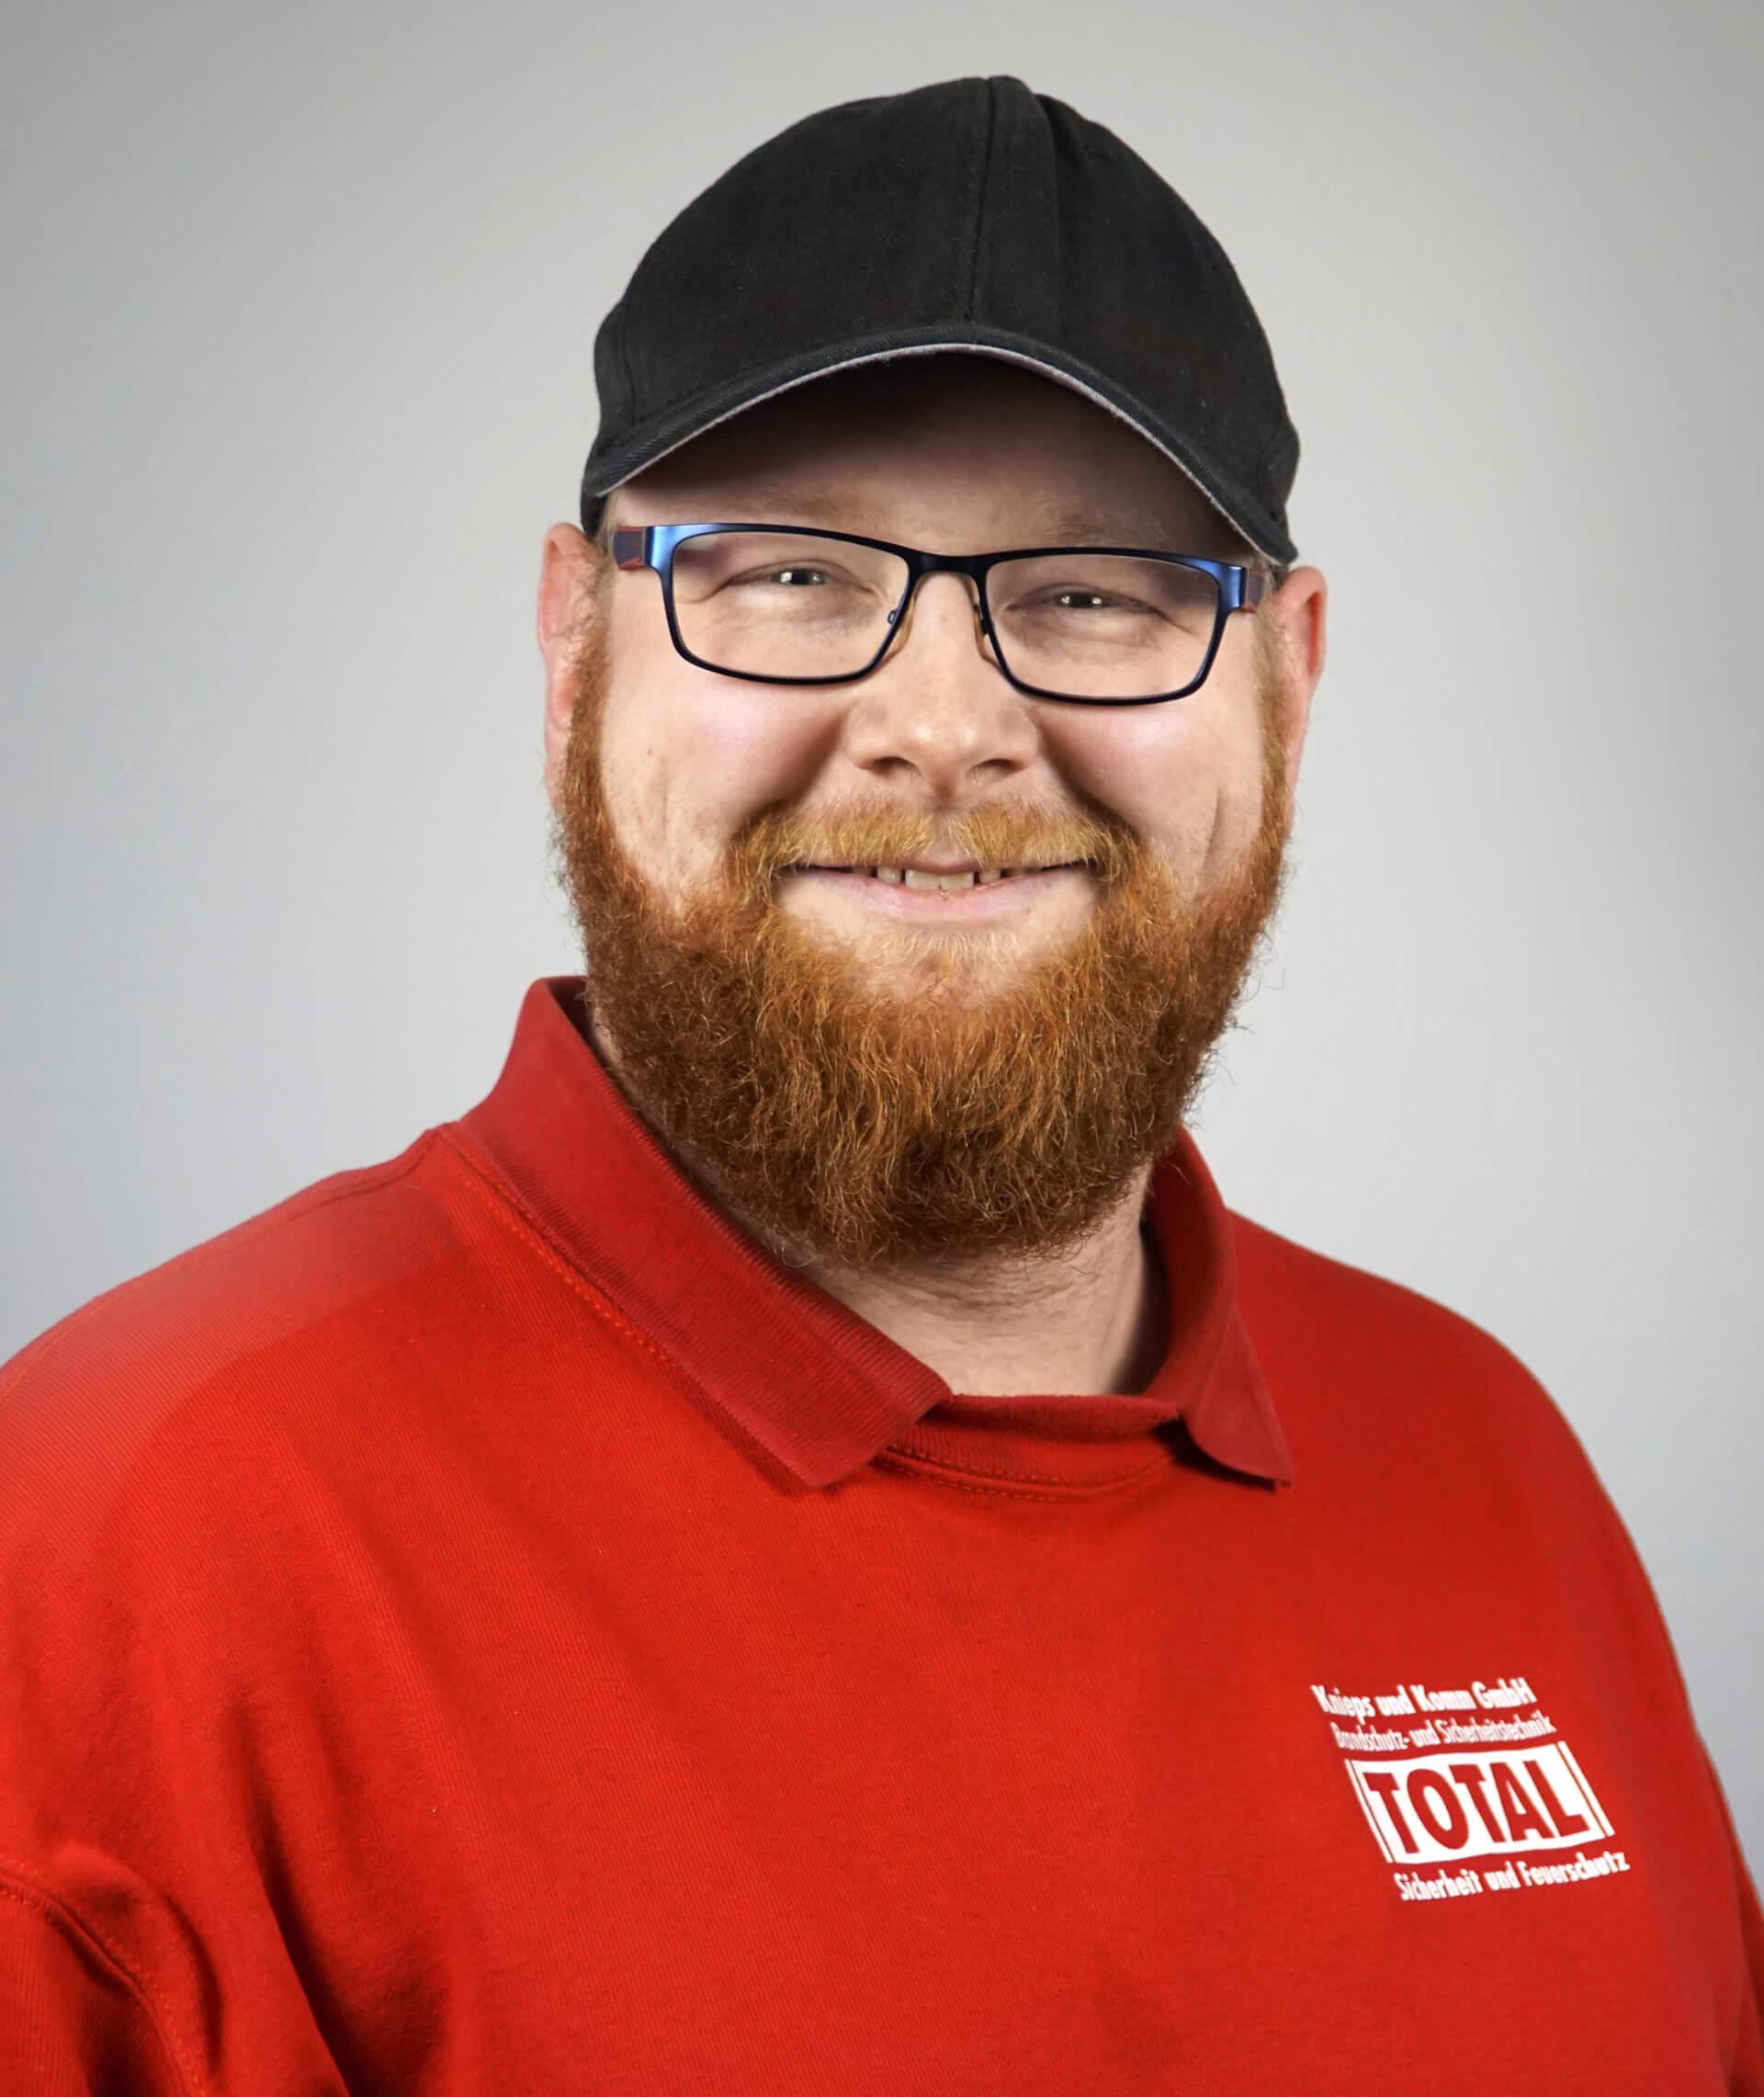 Marcel Wissing von der Knieps & Komm GmbH